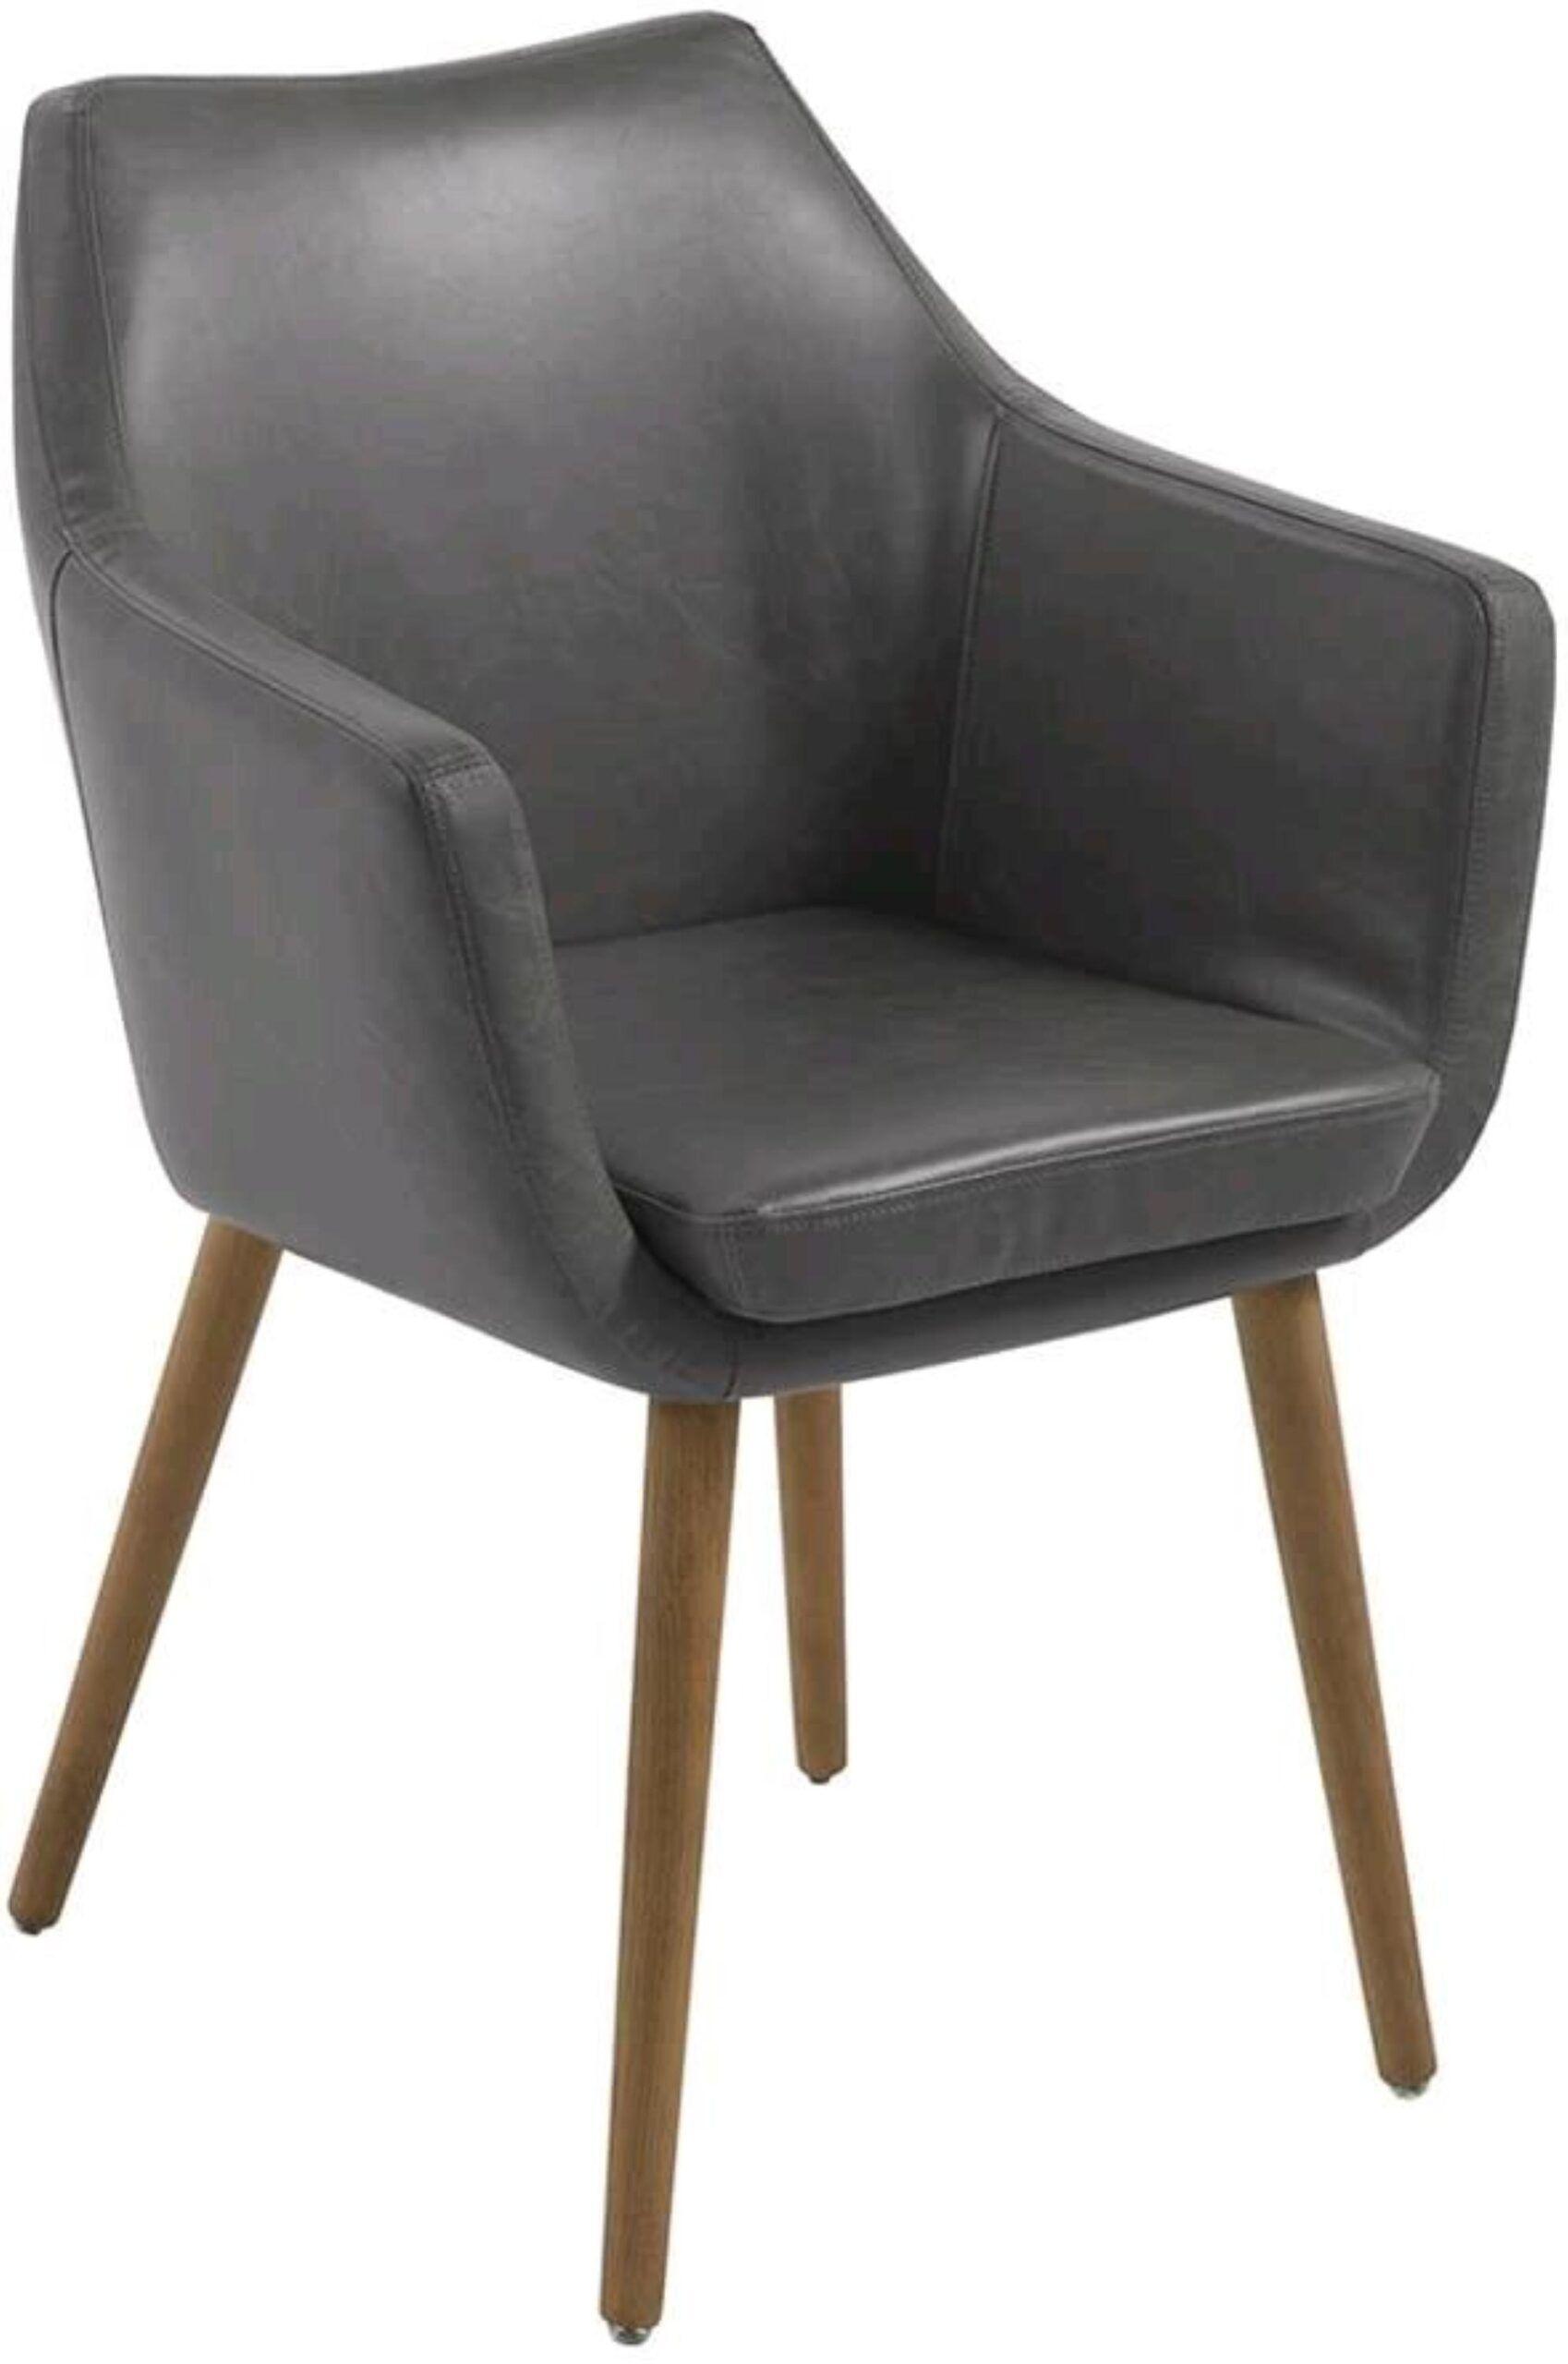 AC Design Furniture Sedia poltrona in similpelle Grigio 58 x 58 x 84 cm